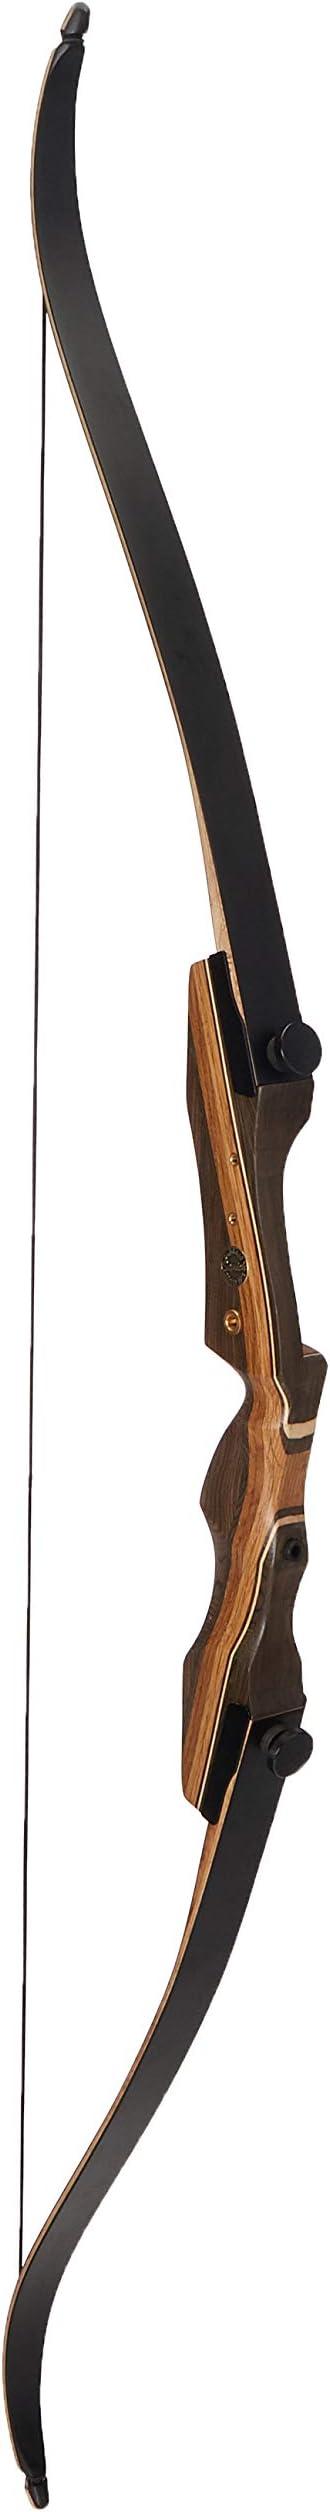 recurve bows amazon com archery recurve bowssamick sage takedown recurve bow